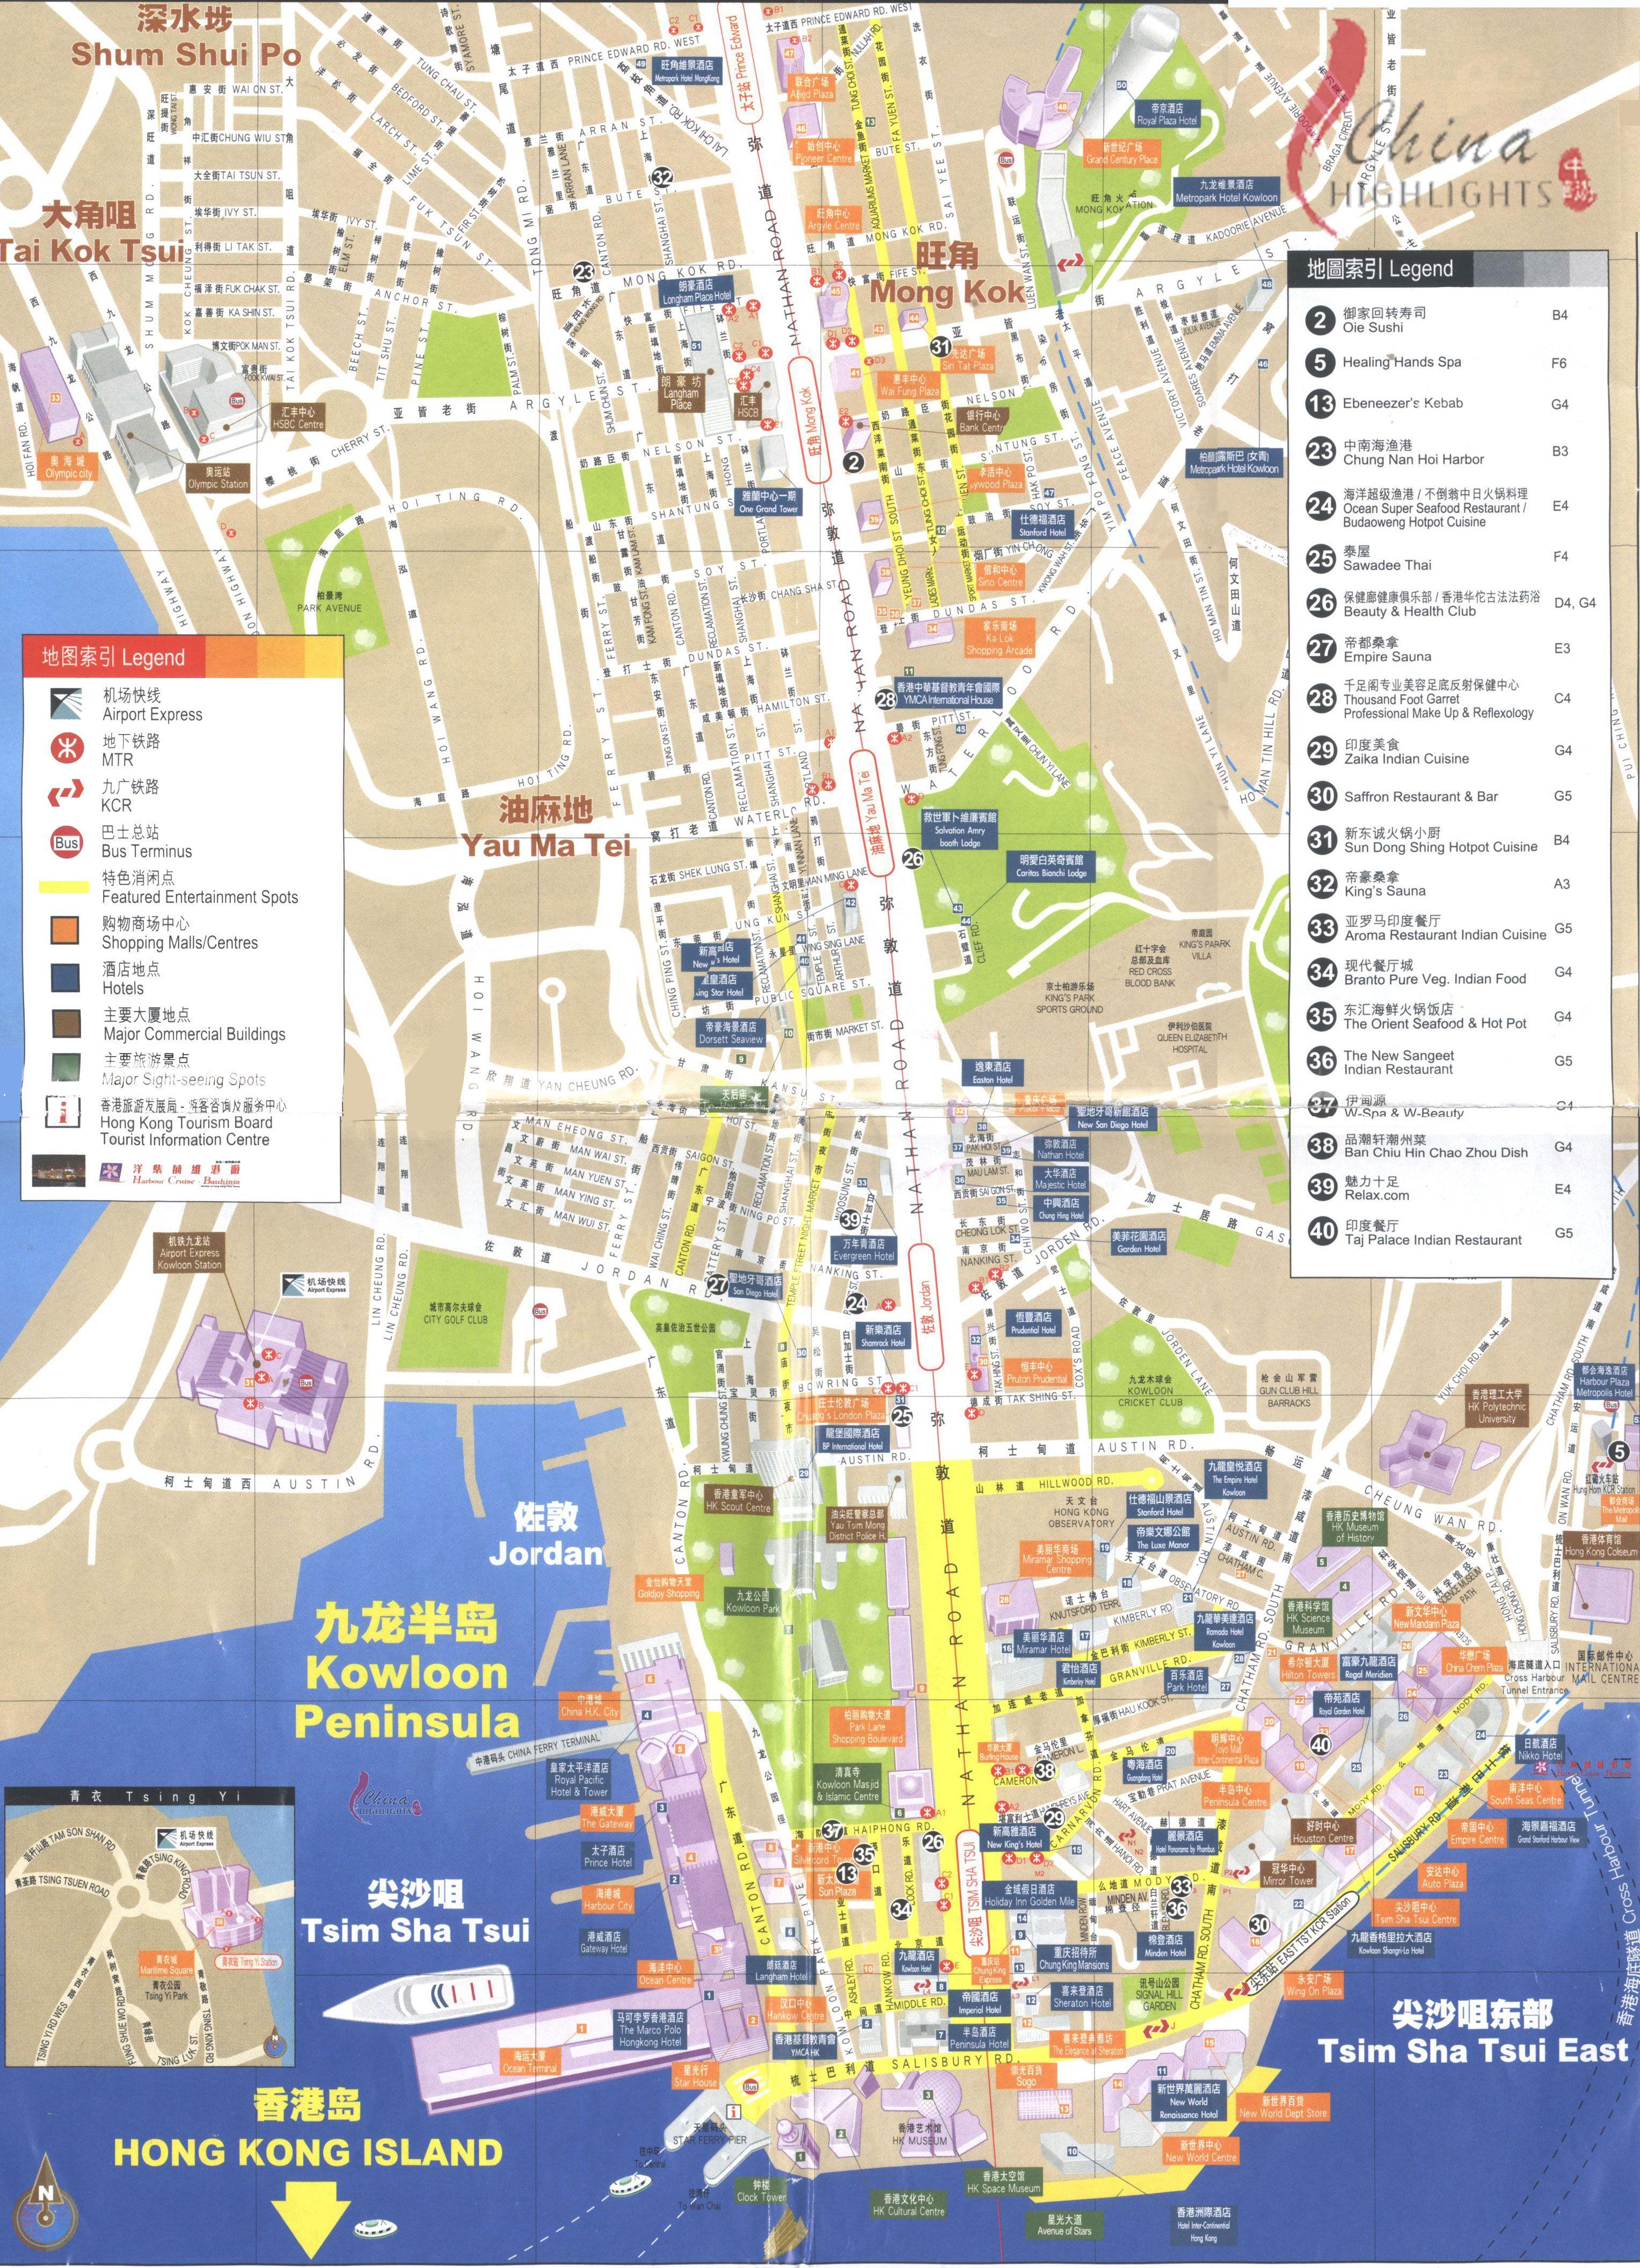 hong kong city map | Map | Map, Hong kong, Kowloon hong kong Kowloon Street Map In Chinese on xian street map, kathmandu street map, tokyo street map, zhuhai street map, ho chi minh city street map, denver street map, wan chai street map, wellington street map, guilin street map, harbin street map, hong kong map, vietnam street map, moscow street map, ft. lauderdale street map, macau street map, nagoya street map, birmingham street map, rotterdam street map, colombo street map, houston street map,